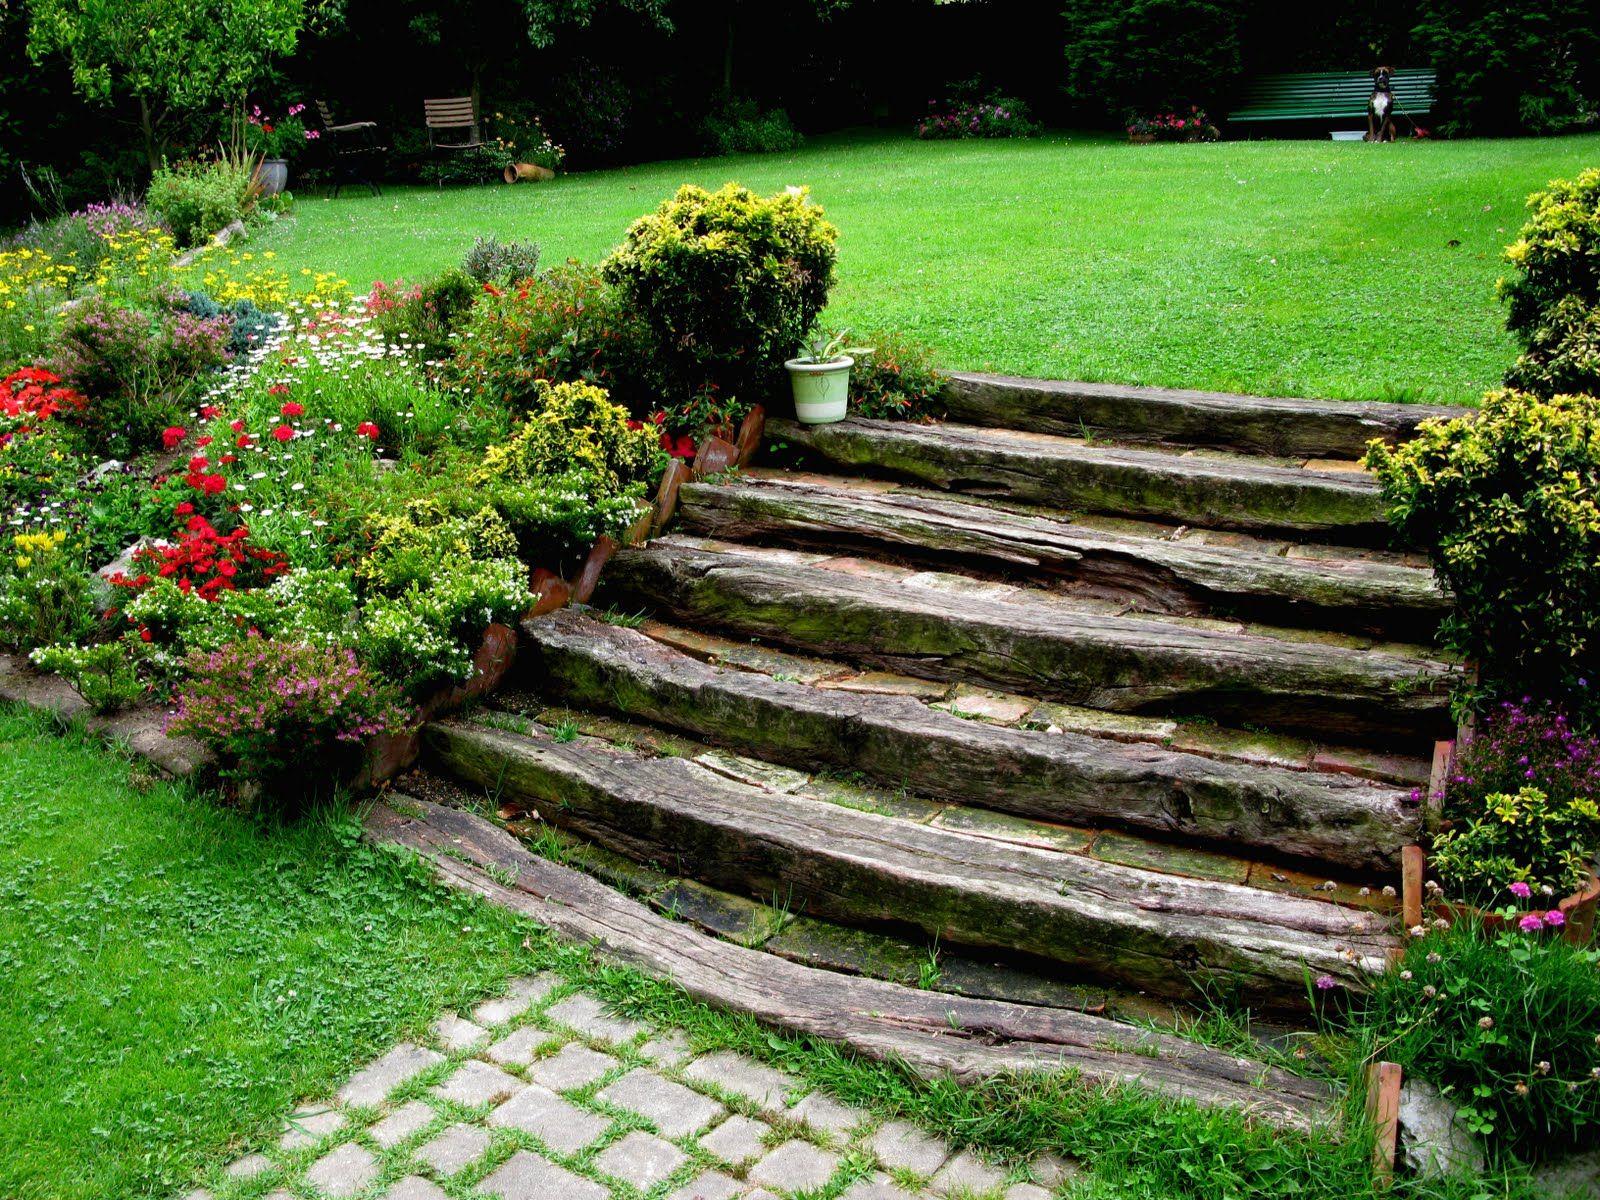 Escaleras de vigas de tren desniveles en jard n for Ideas para jardines rusticos